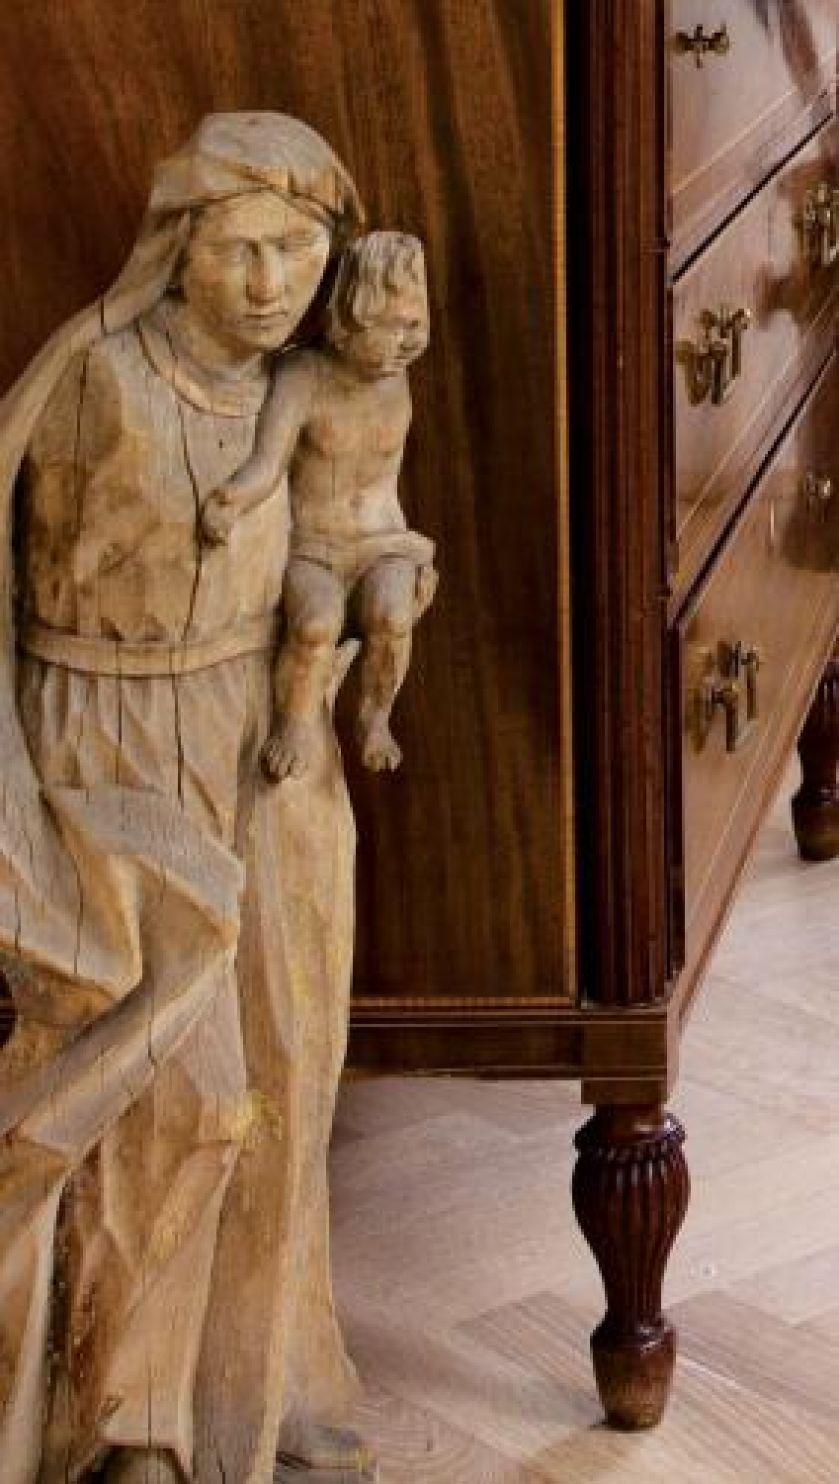 Drewniana rzeźba. Przedwojenna willa z pamiątkami